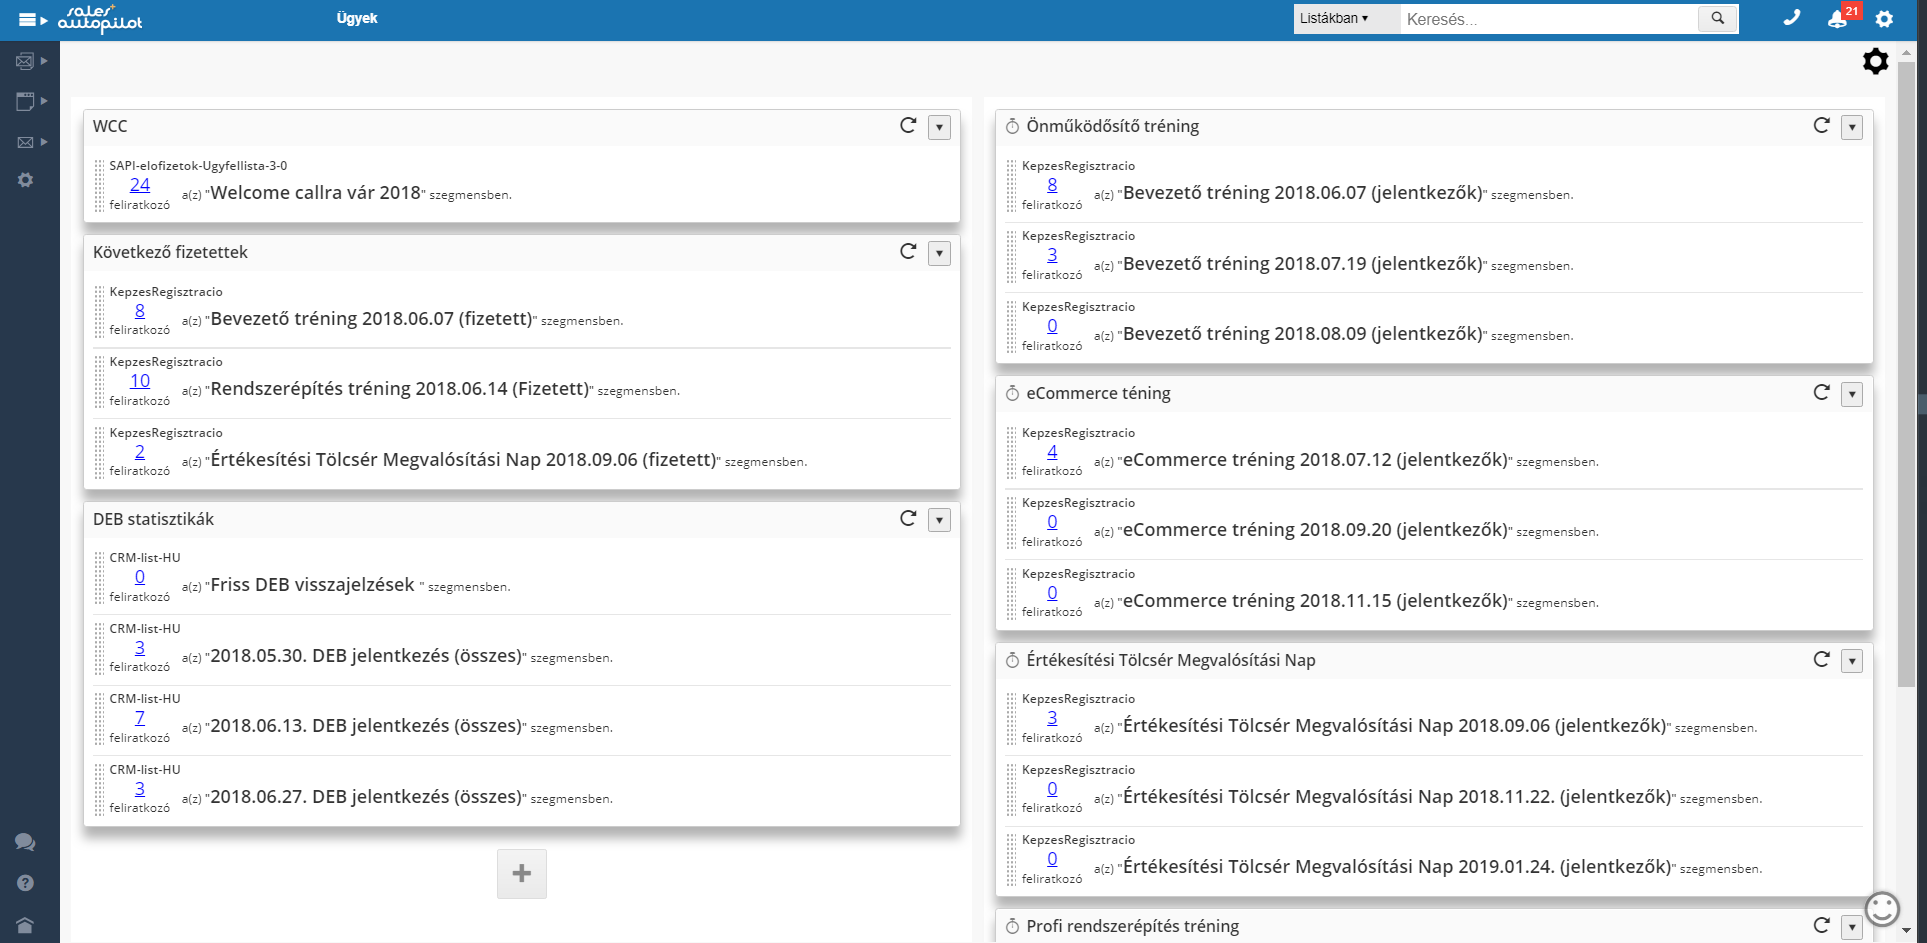 online ellenőrzött vélemények keresése bináris opciók widget